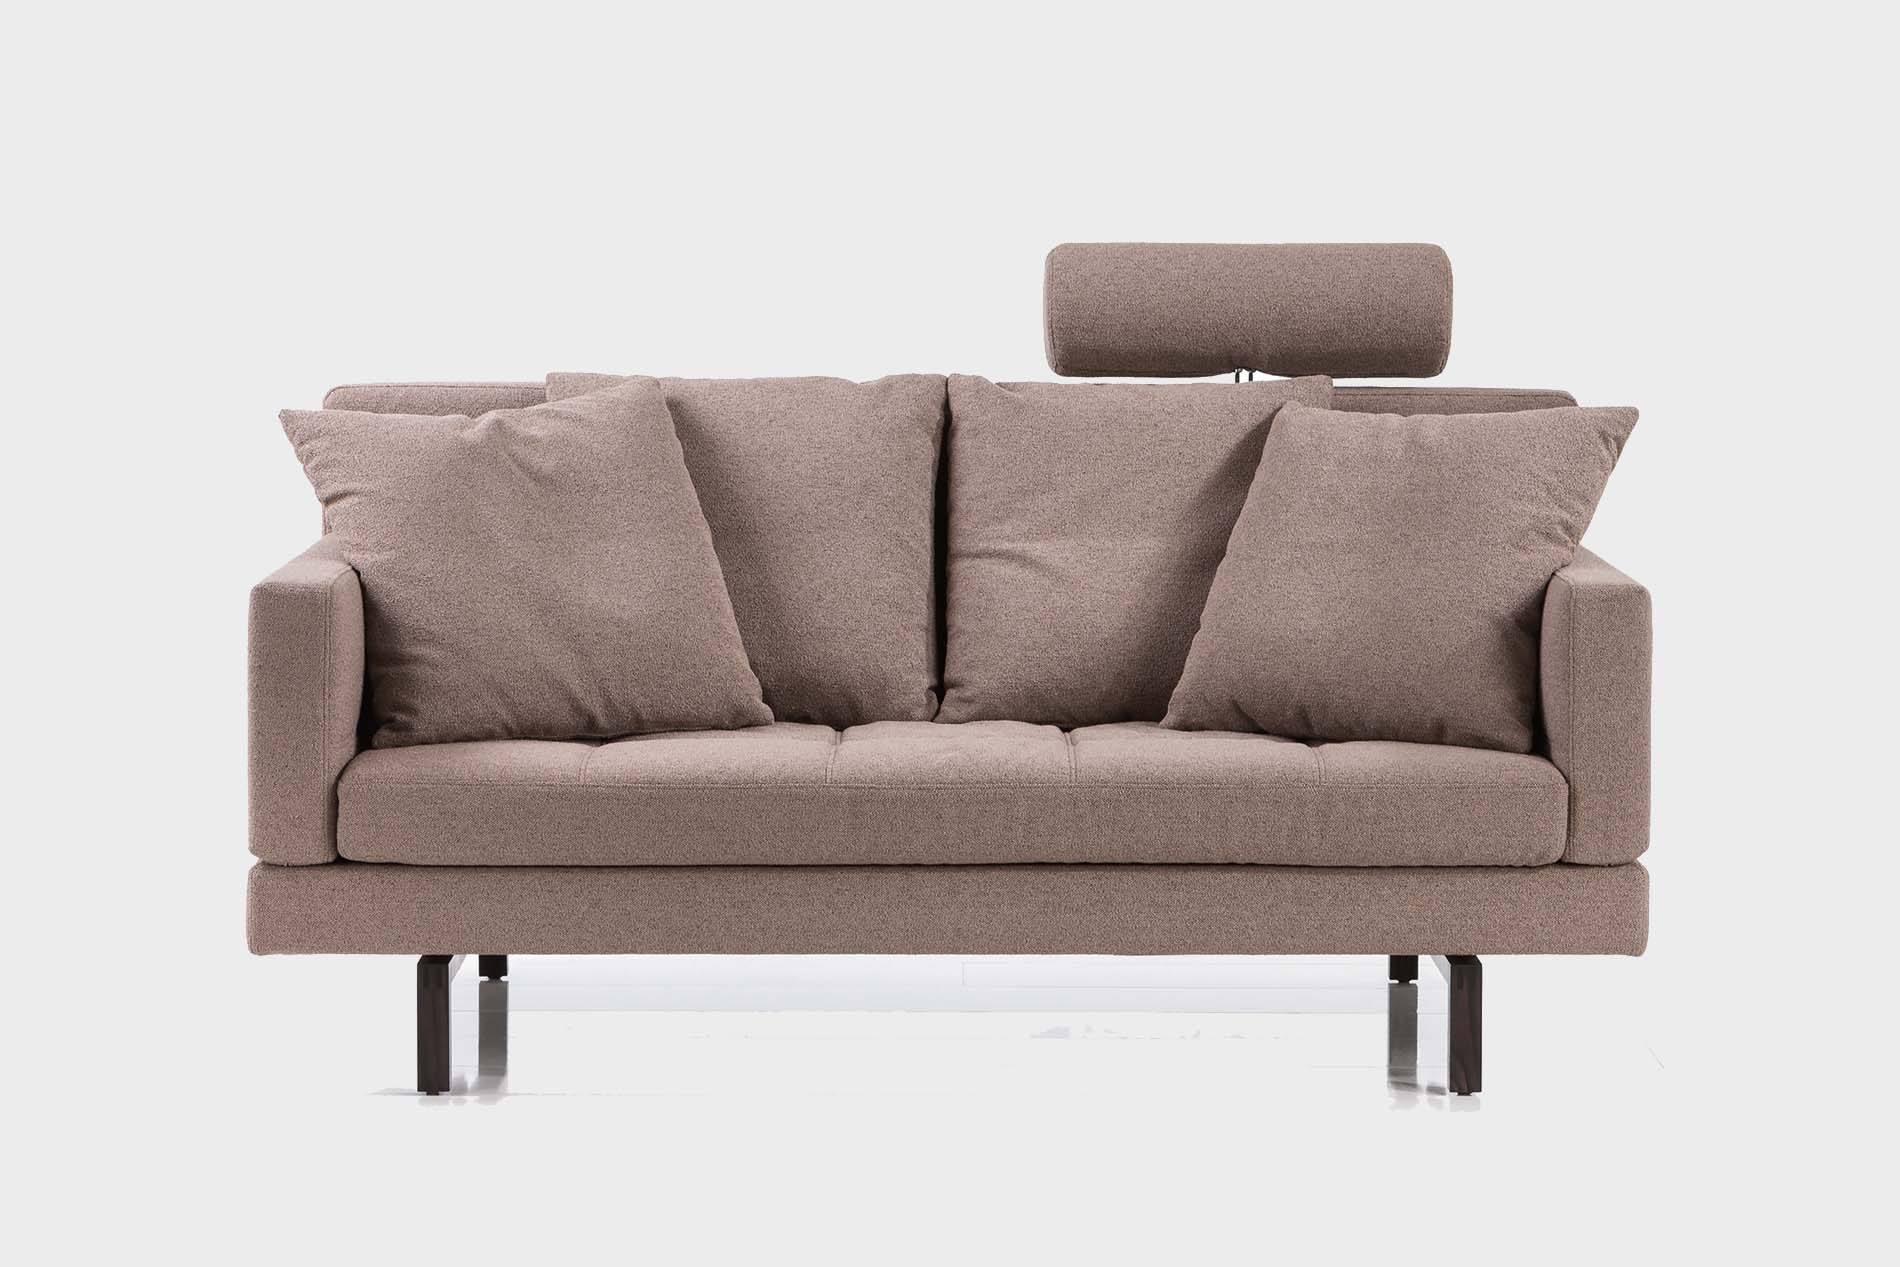 Cool Sofa Mit Abnehmbaren Bezug Beste Wahl Brühl Amber